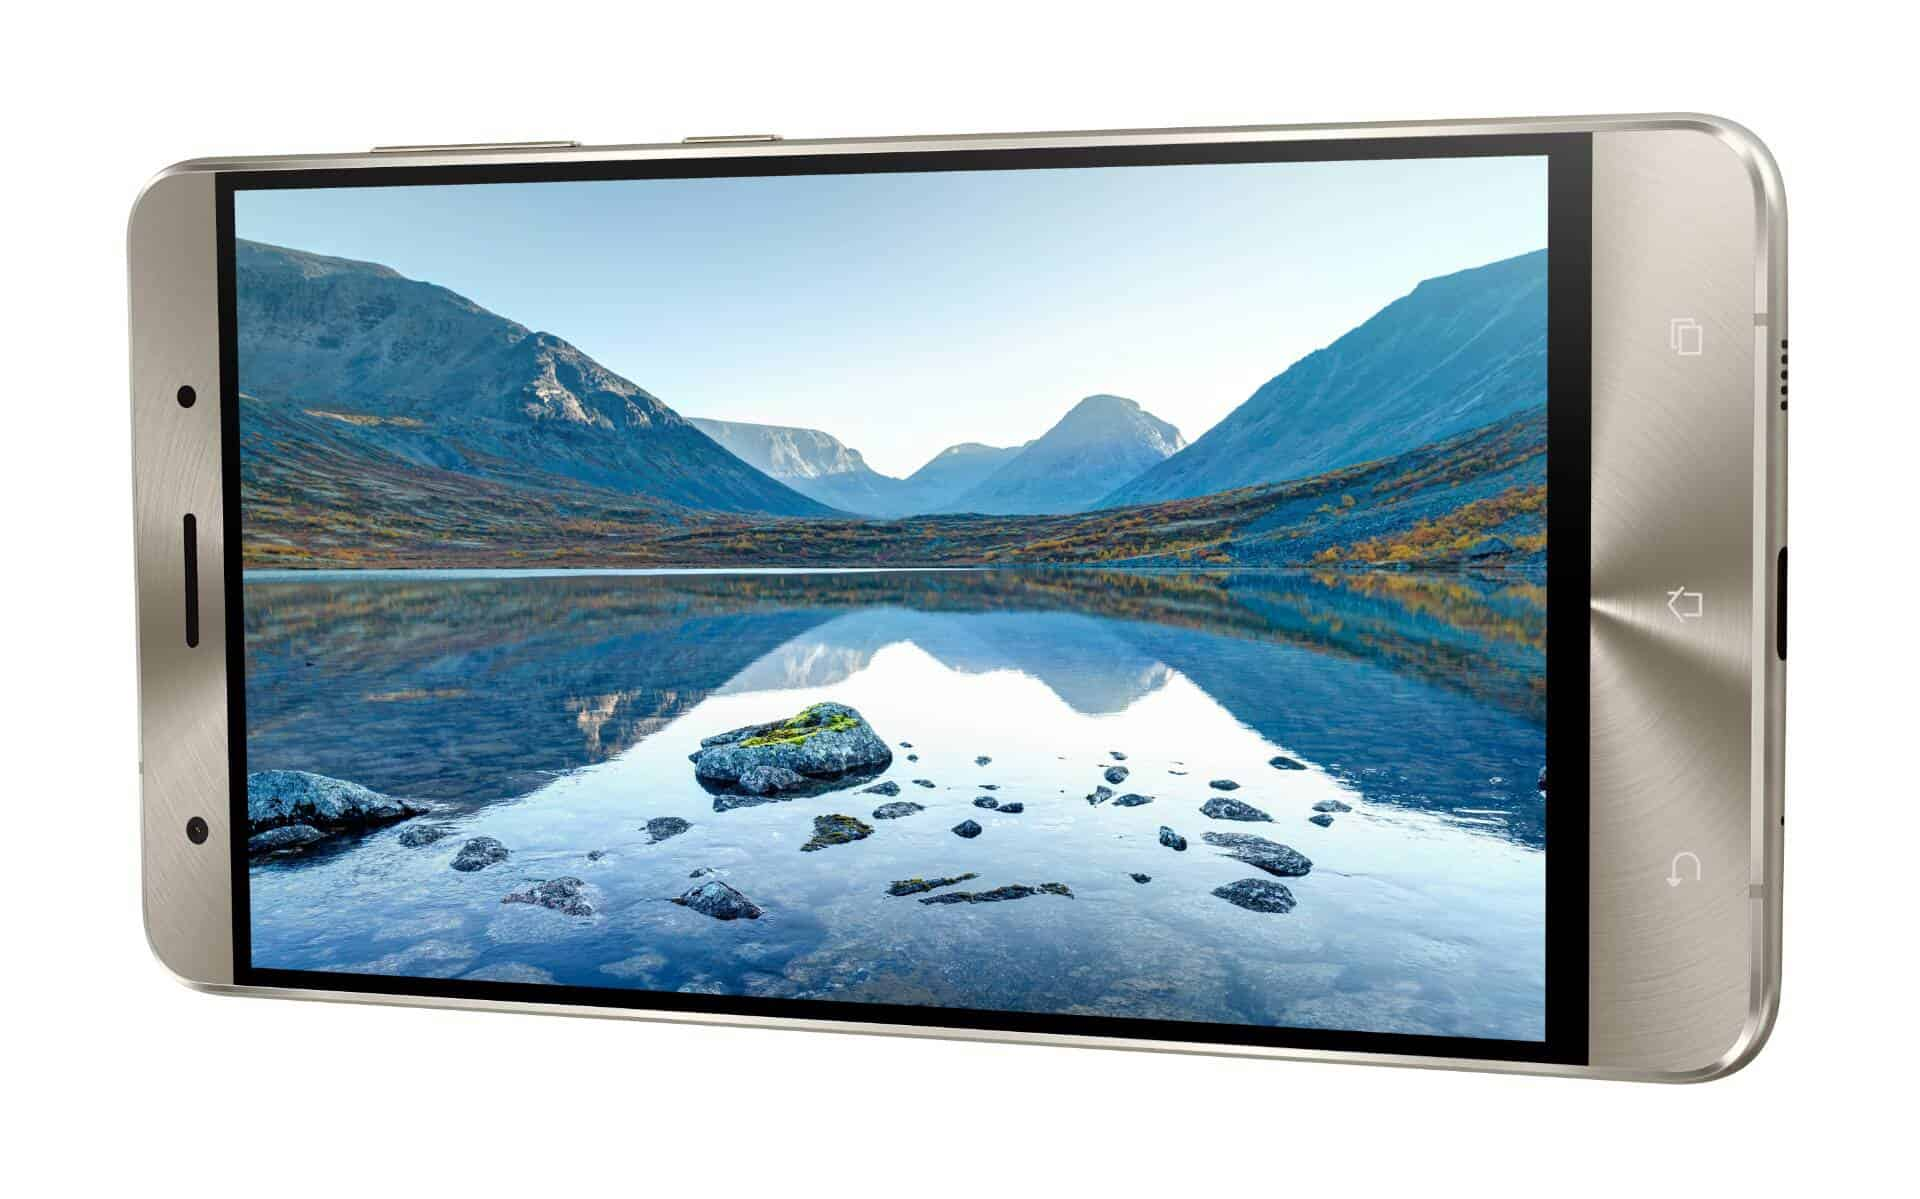 ASUS ZenFone 3 Deluxe 7